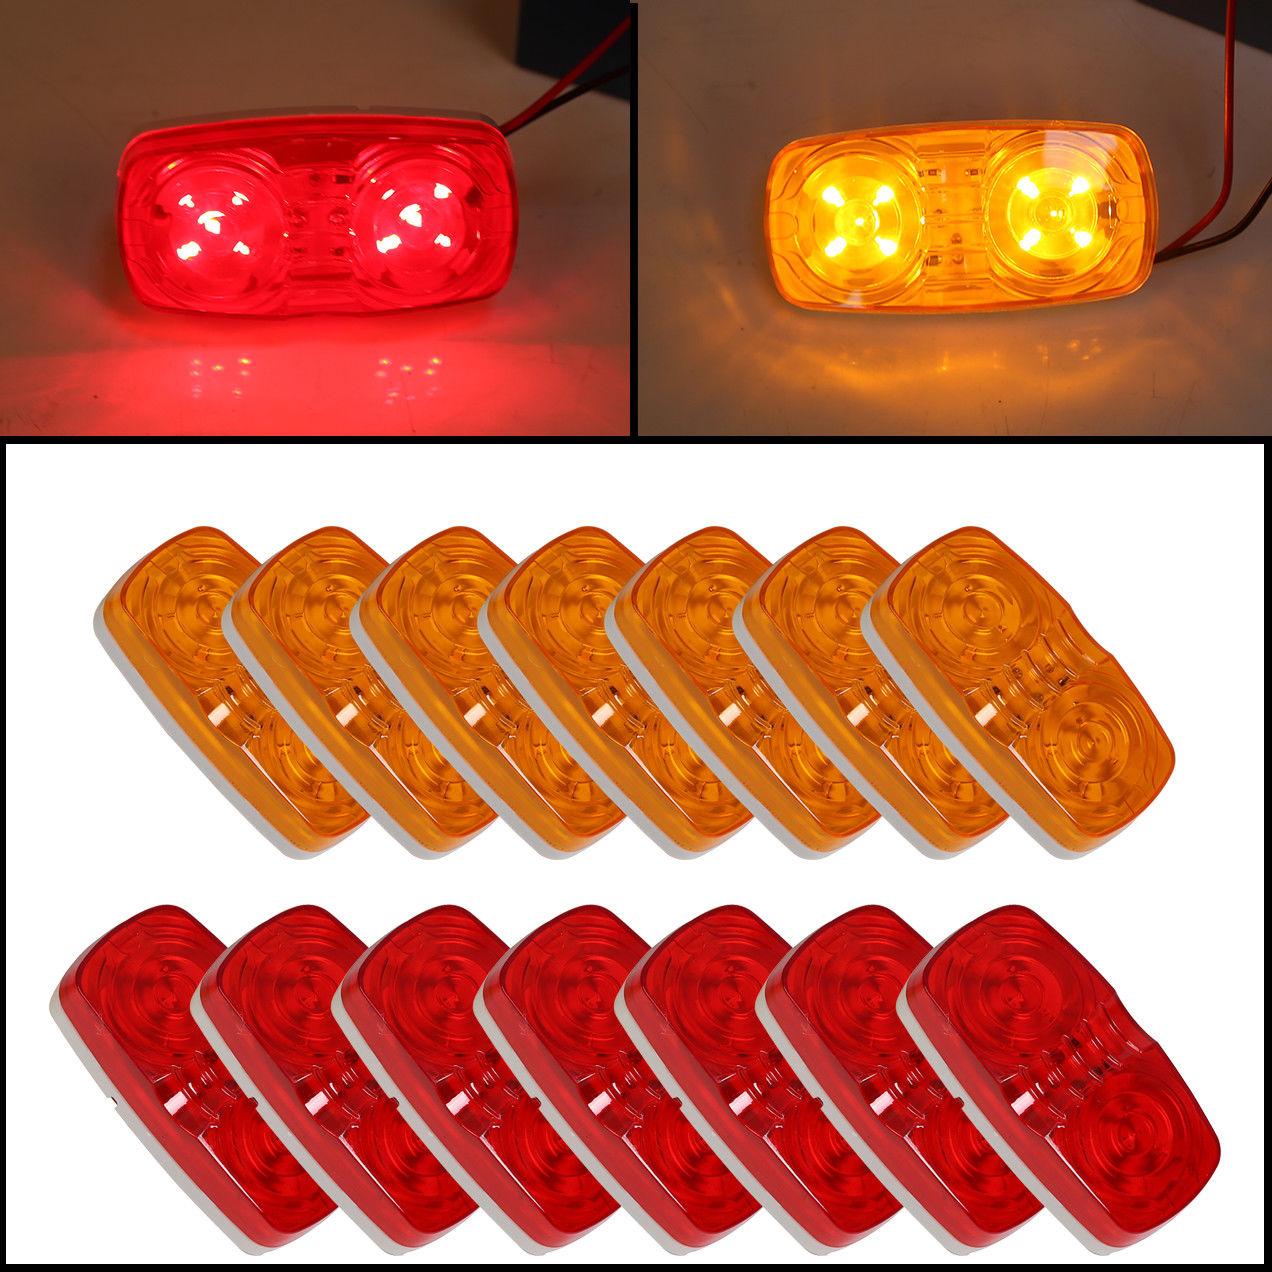 10Pcs 24V Rear Side Marker Indicators Light Lamp 6 LED Marker Light Truck Cab Marker Light RV Marker Light Color : Amber